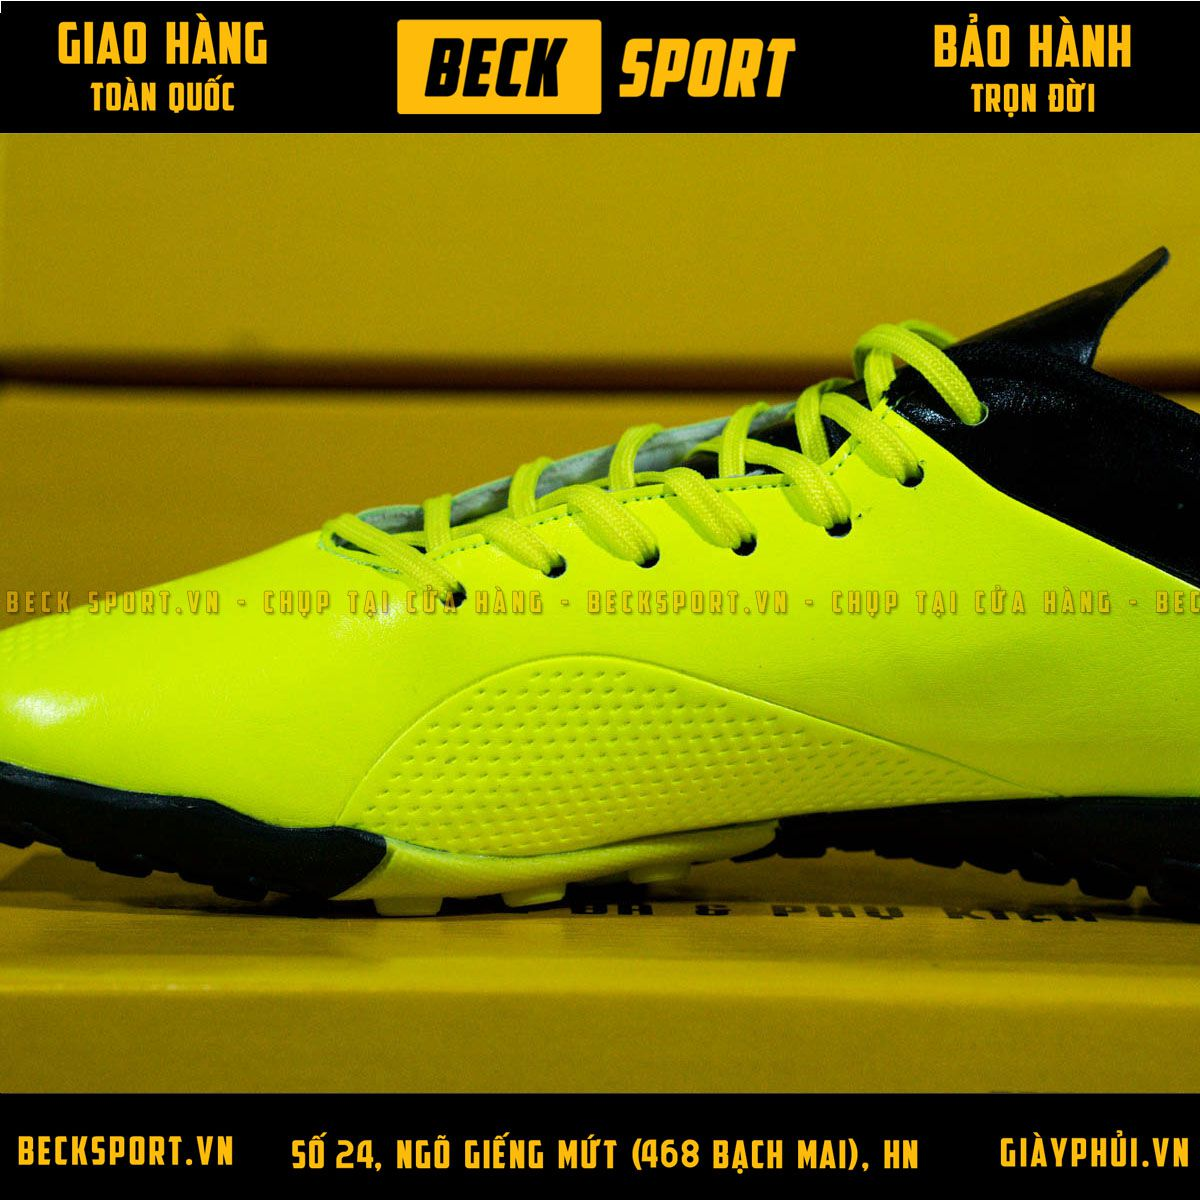 Giày Bóng Đá Adidas X 18.4 Nõn Chuối Vạch Đen Cổ Đen TF